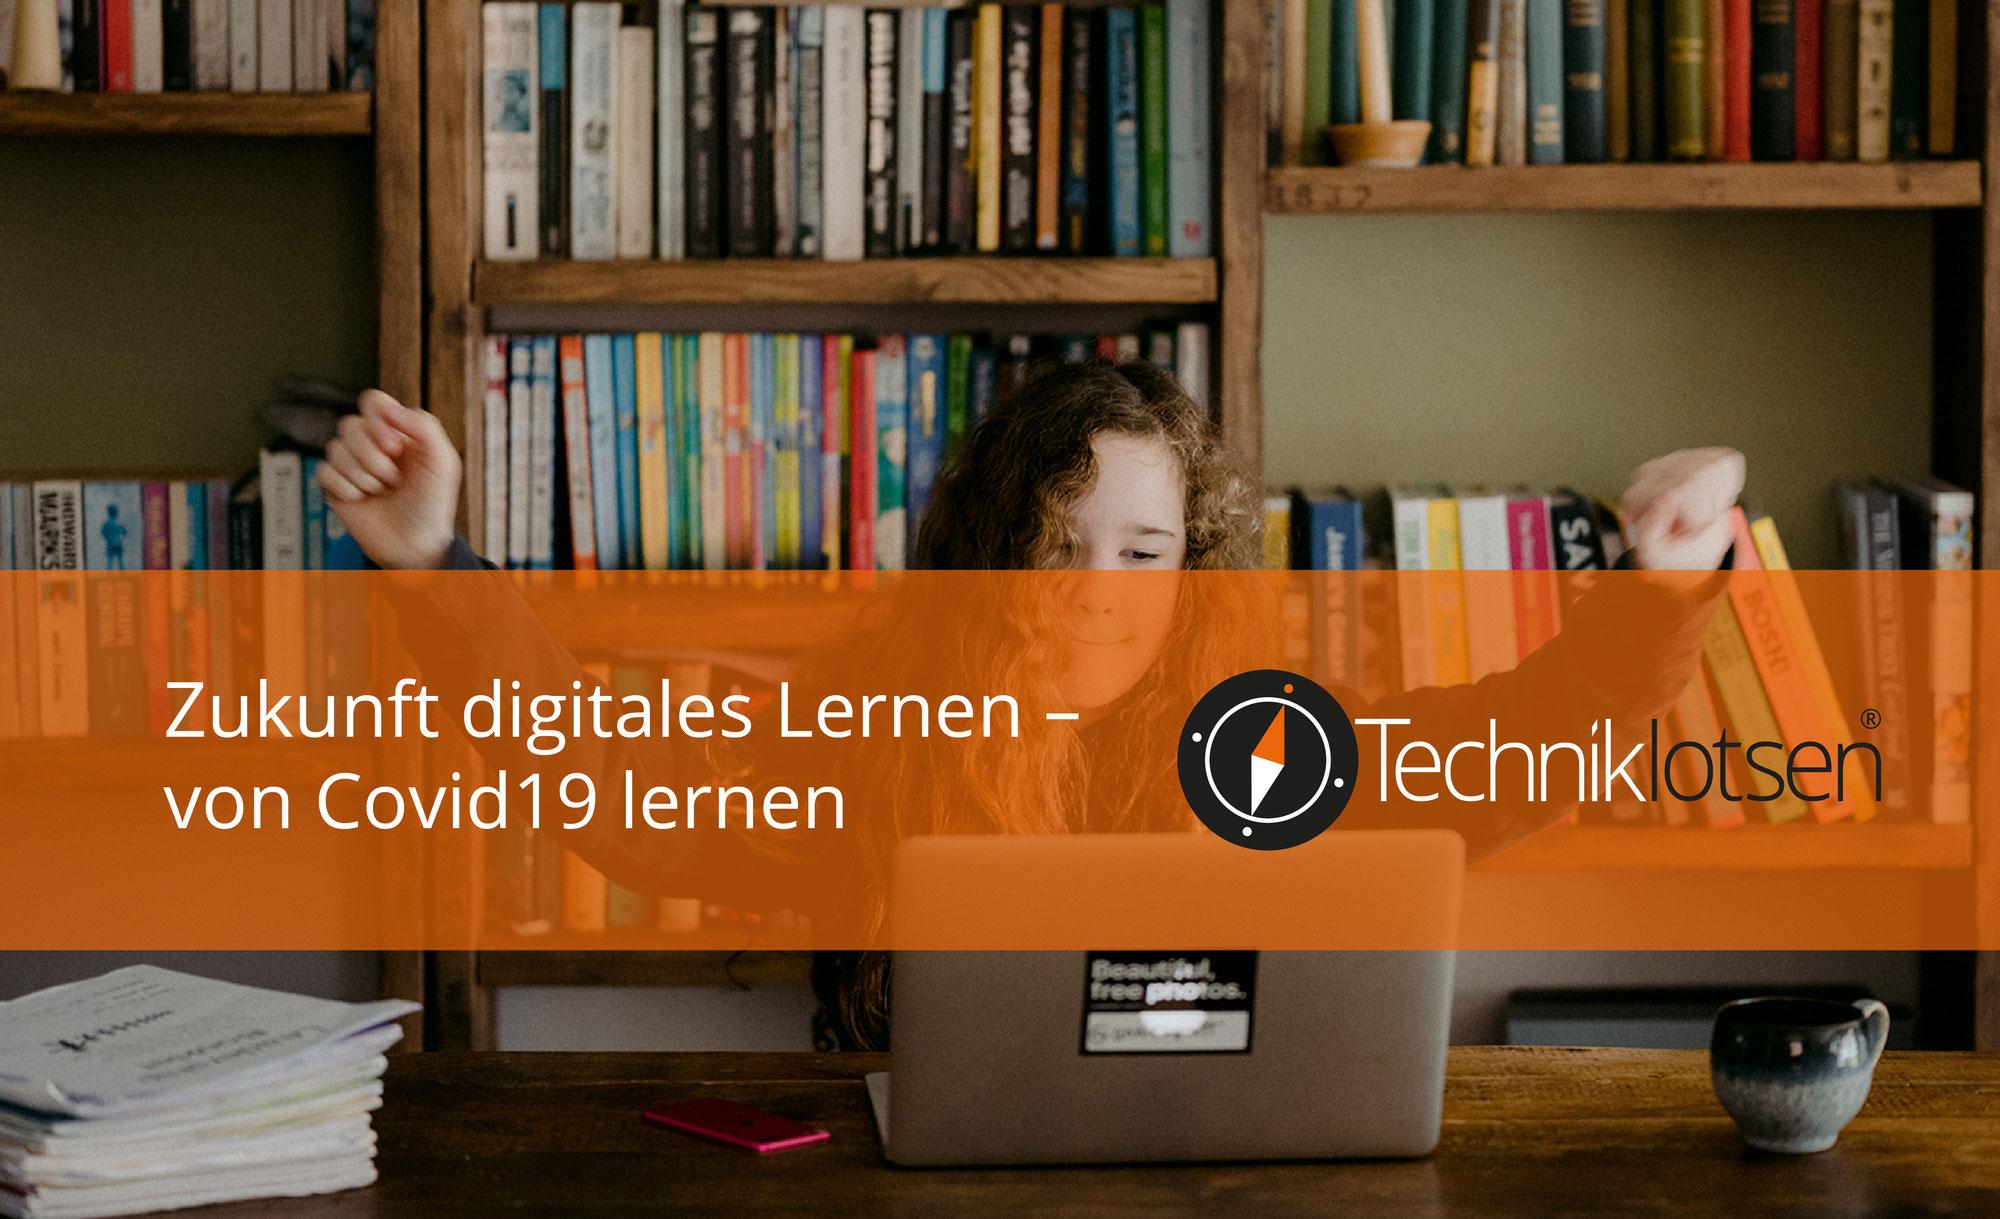 Zukunft digitales Lernen – von Covid19 lernen